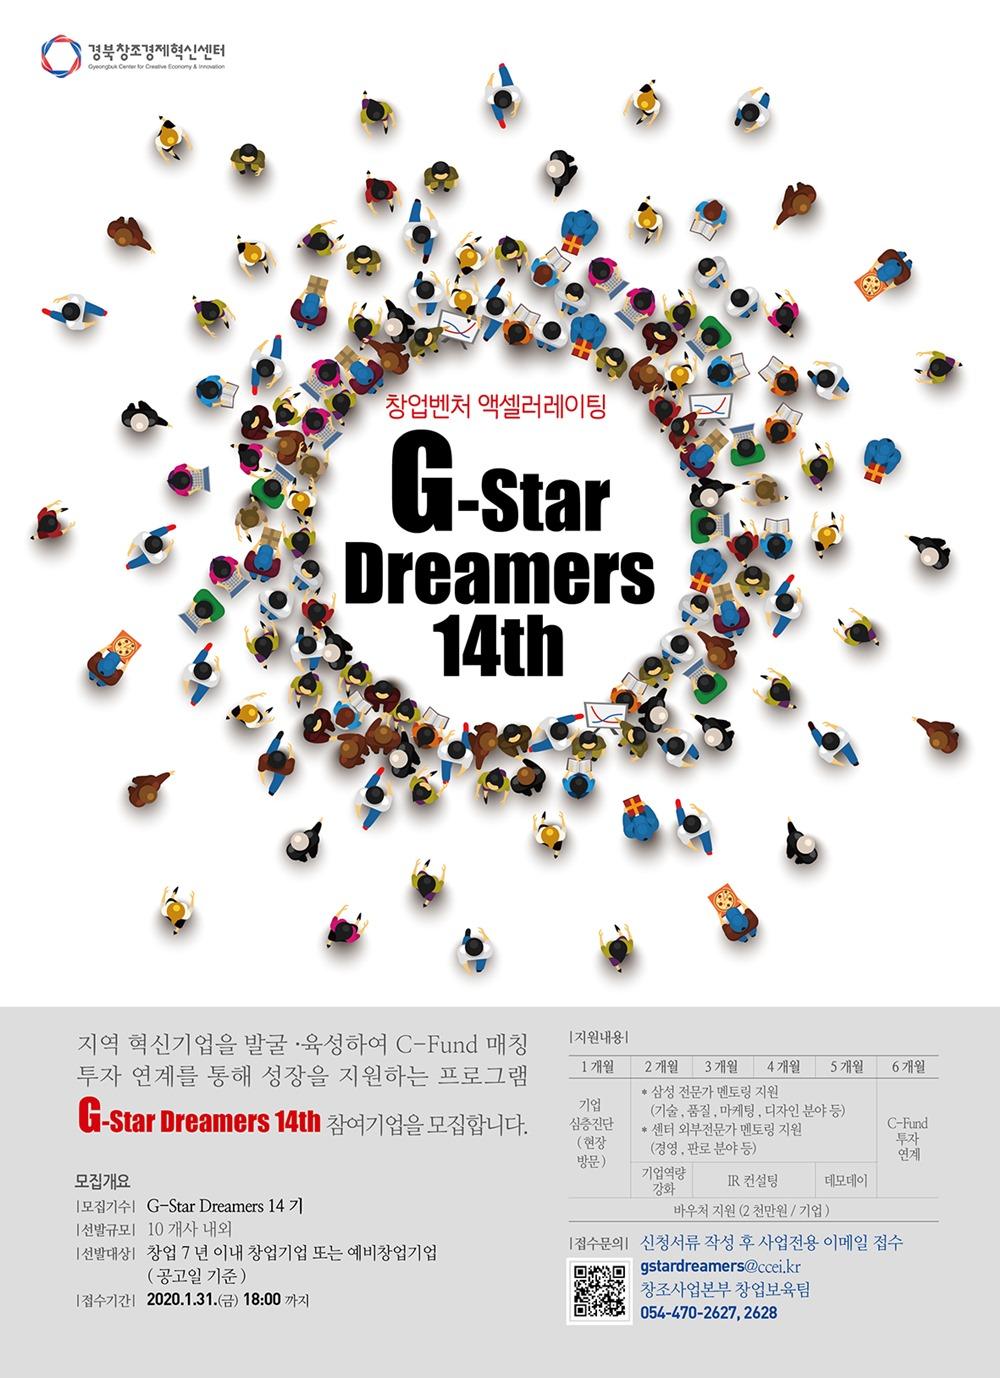 경북창조경제혁신센터 Gyeongbuk Center for Creative Economy & Innovation 창업벤처 액셀러레이팅 G-Star Dreamers 14th 지역 혁신기업을 발굴·육성하여 C-Fund 매칭 투자 연계를 통해 성장을 지원하는 프로그램 G-Star Dreamers 14th 참여기업을 모집합니다. 모집개요 모집기수: G-Star Dreamers 14기 선발규모: 10개사 내외 선발대상: 창업 7년 이내 창업기업 또는 예비창업기업(공고일 기준) 접수기준: 2020.1.31.(금) 18:00까지 지원내용: 1개월>기업 심층진단(현장방문) 2개월> 삼성 전문가 멘토링 지원(기술, 품질, 마케팅, 디자인 분야 등), 센터 외부 전문가 멘토링 지원(경영, 판로 분야 등), 기업역량 강화 3~4개월> 삼성 전문가 멘토링 지원(기술, 품질, 마케팅, 디자인 분야 등), 센터 외부 전문가 멘토링 지원(경영, 판로 분야 등), IR 컨설팅 5개월> 삼성 전문가 멘토링 지원(기술, 품질, 마케팅, 디자인 분야 등), 센터 외부 전문가 멘토링 지원(경영, 판로 분야 등),데모데이 6개월> C-Fund 투자 연계 1개월~6개월 공통> 바우처 지원(2천만원/기업) 접수문의: 신청서류 작성 후 사업전용 이메일 접수 gstardreamers@ccei.kr 창조사업본부 창업보육팀 054-470-2627.2628